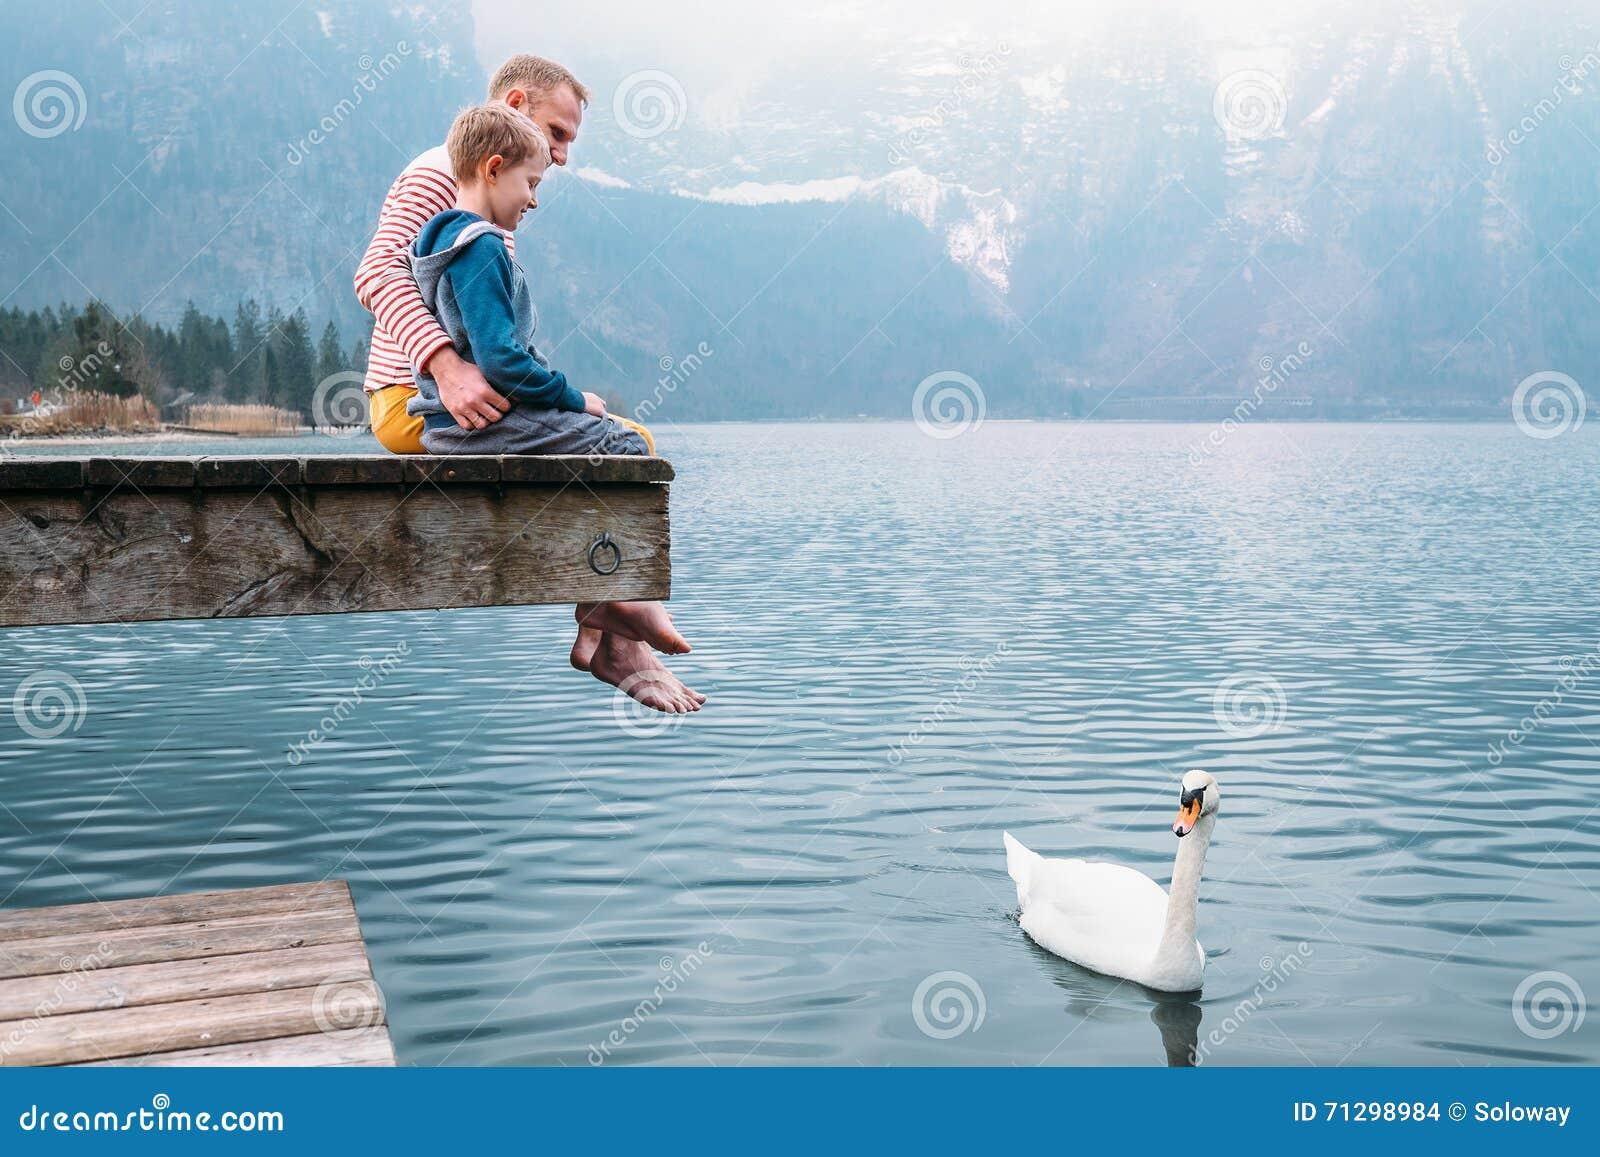 a9ccca3c3cca Ο πατέρας με το γιο κάθεται στην ξύλινη αποβάθρα και κοιτάζει στον άσπρο  κύκνο κολυμπά